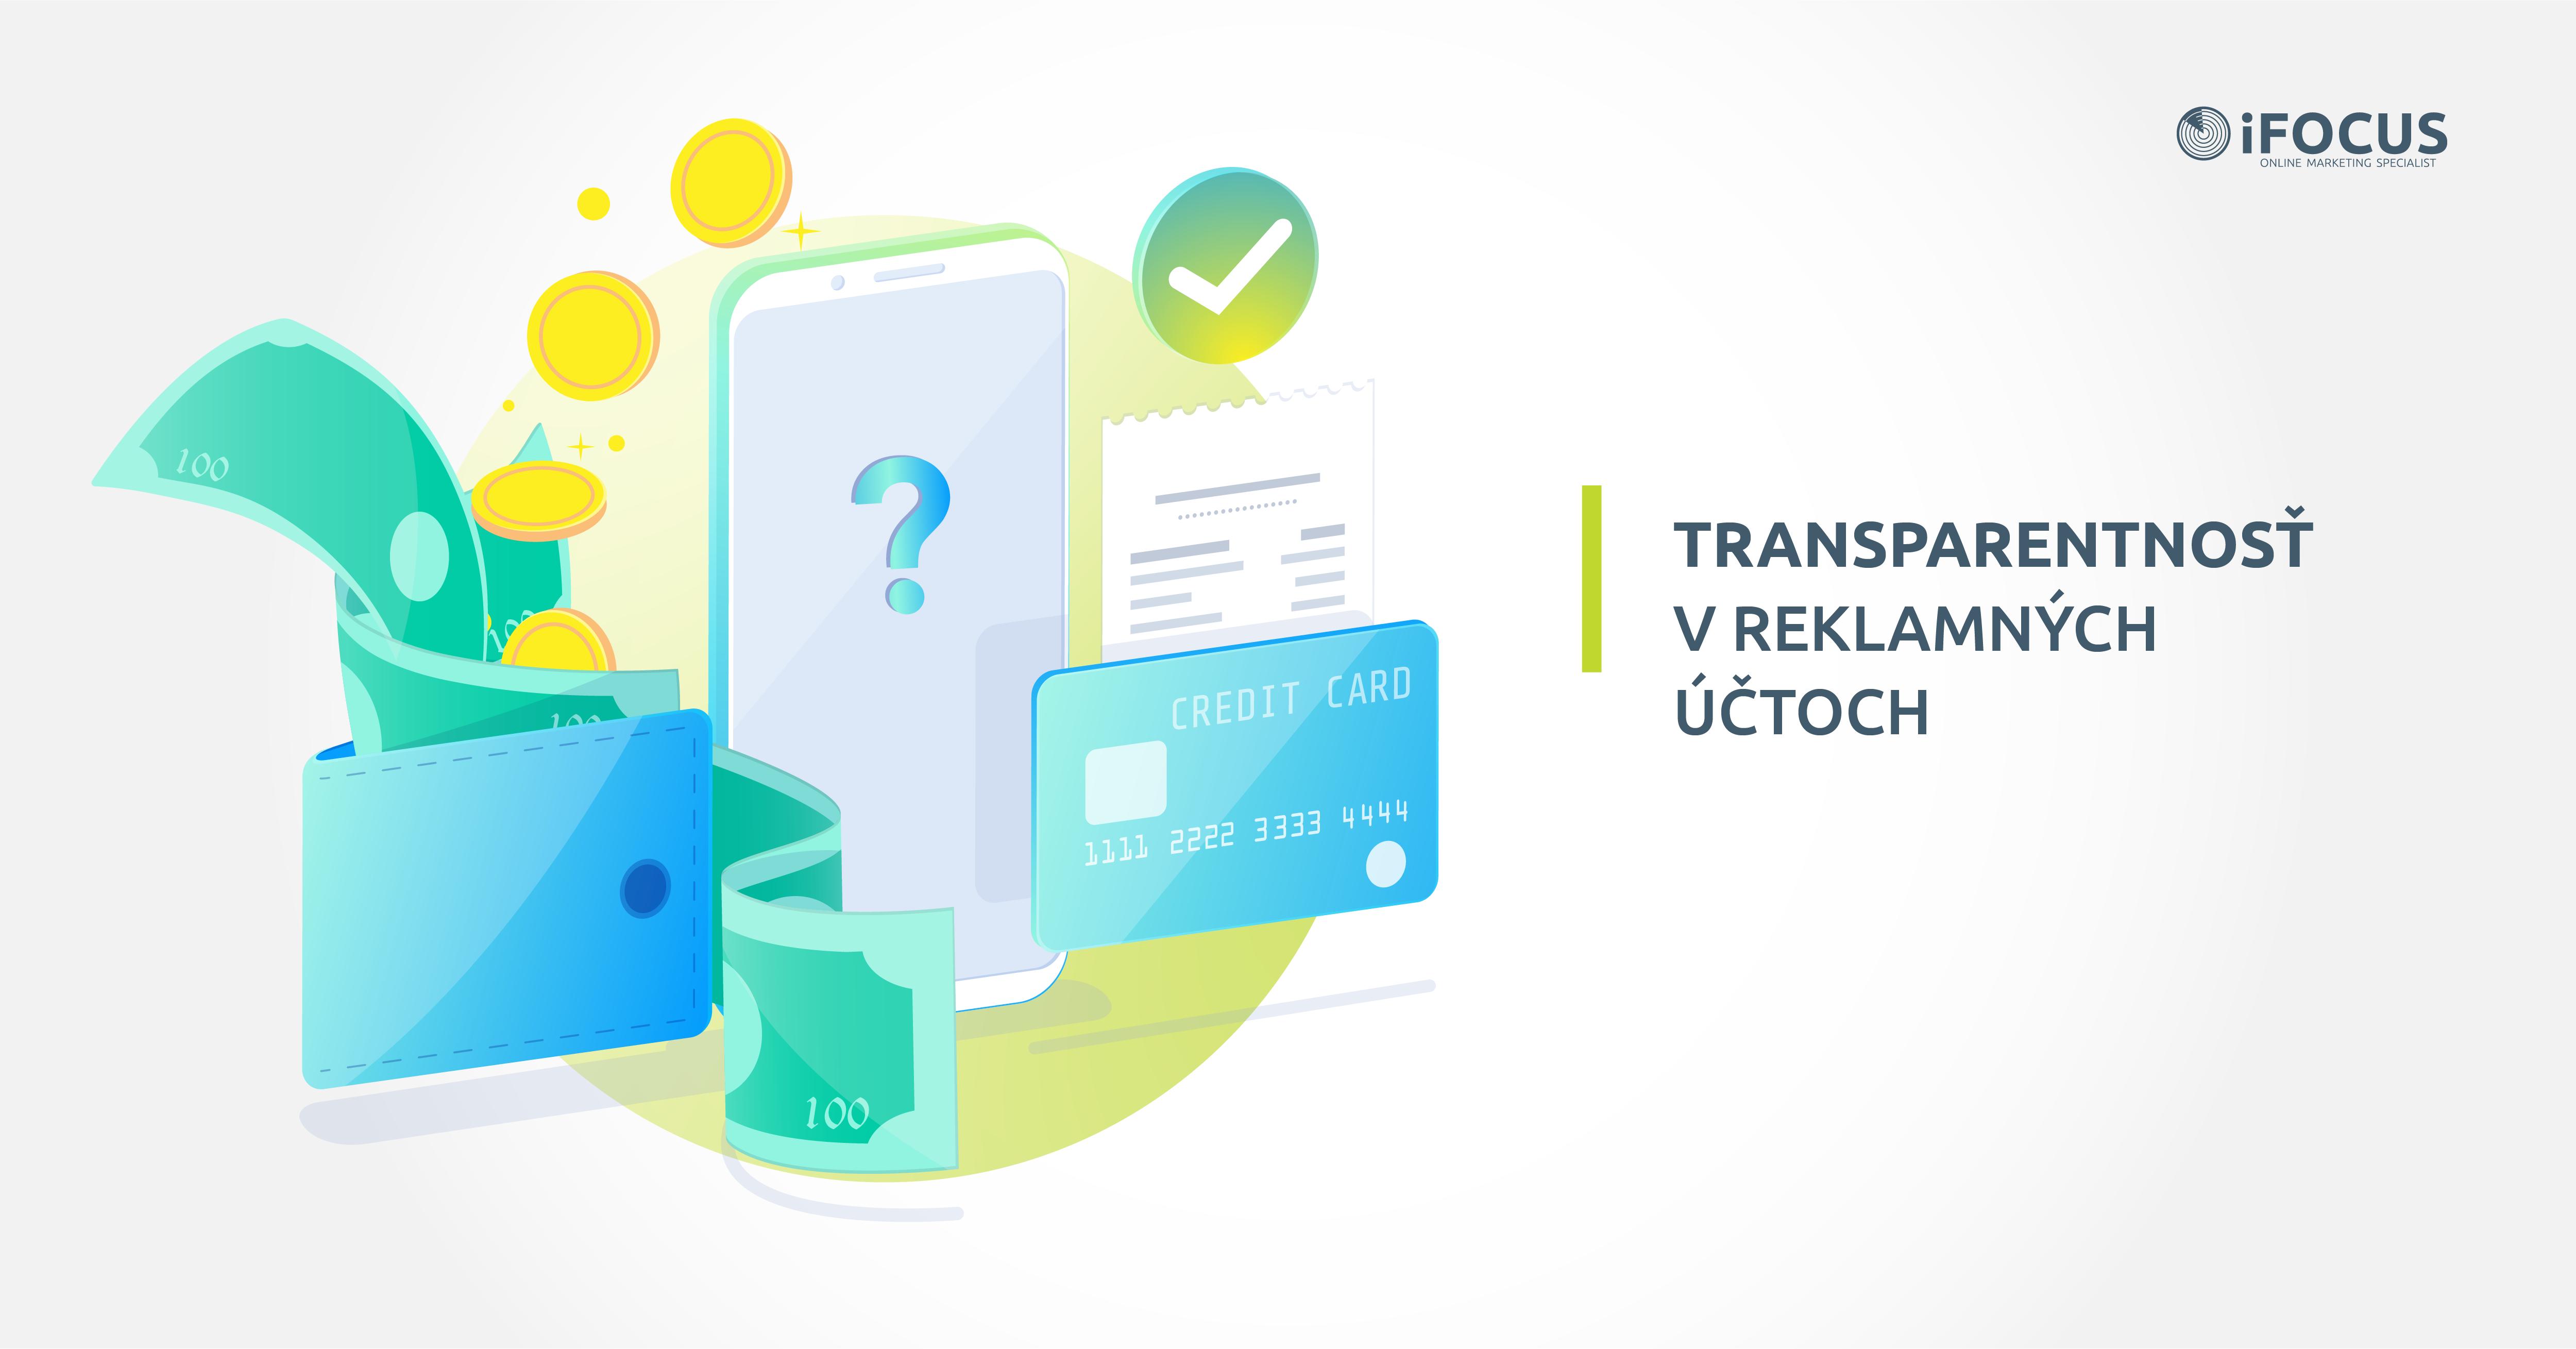 Transparentnosť